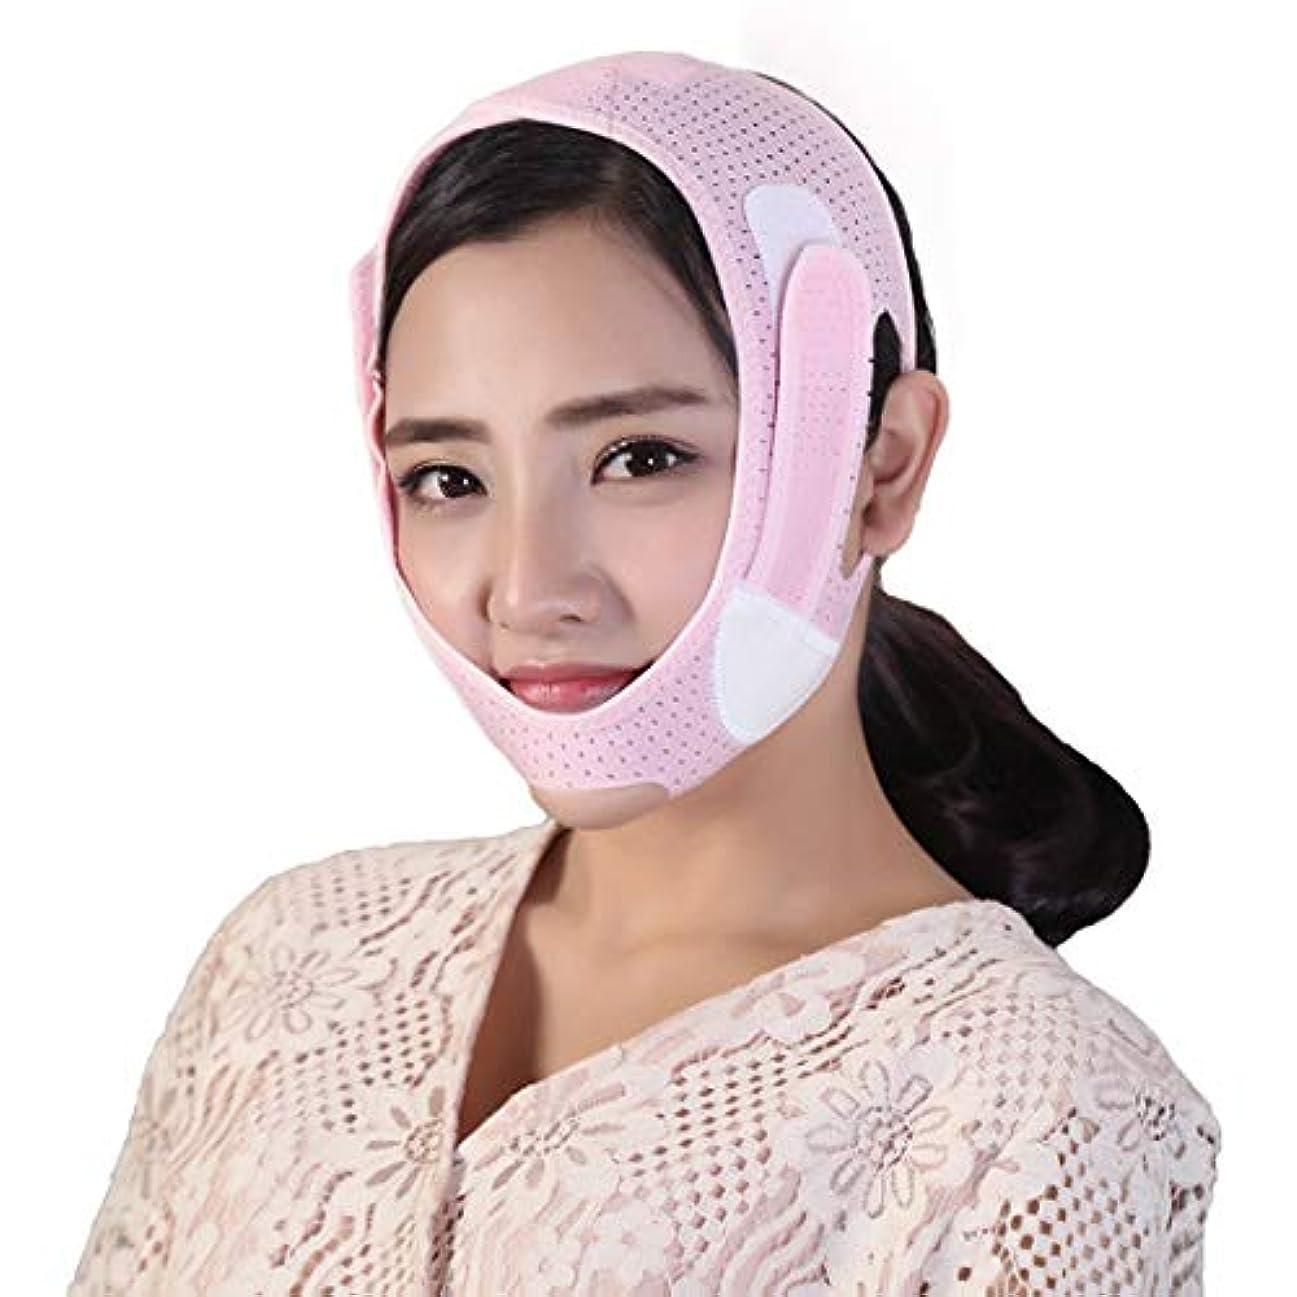 オペラ湿度不透明なZWBD フェイスマスク, フェイスリフティングマスクマスク包帯小v顔アーティファクトマスクリフティング二重あご